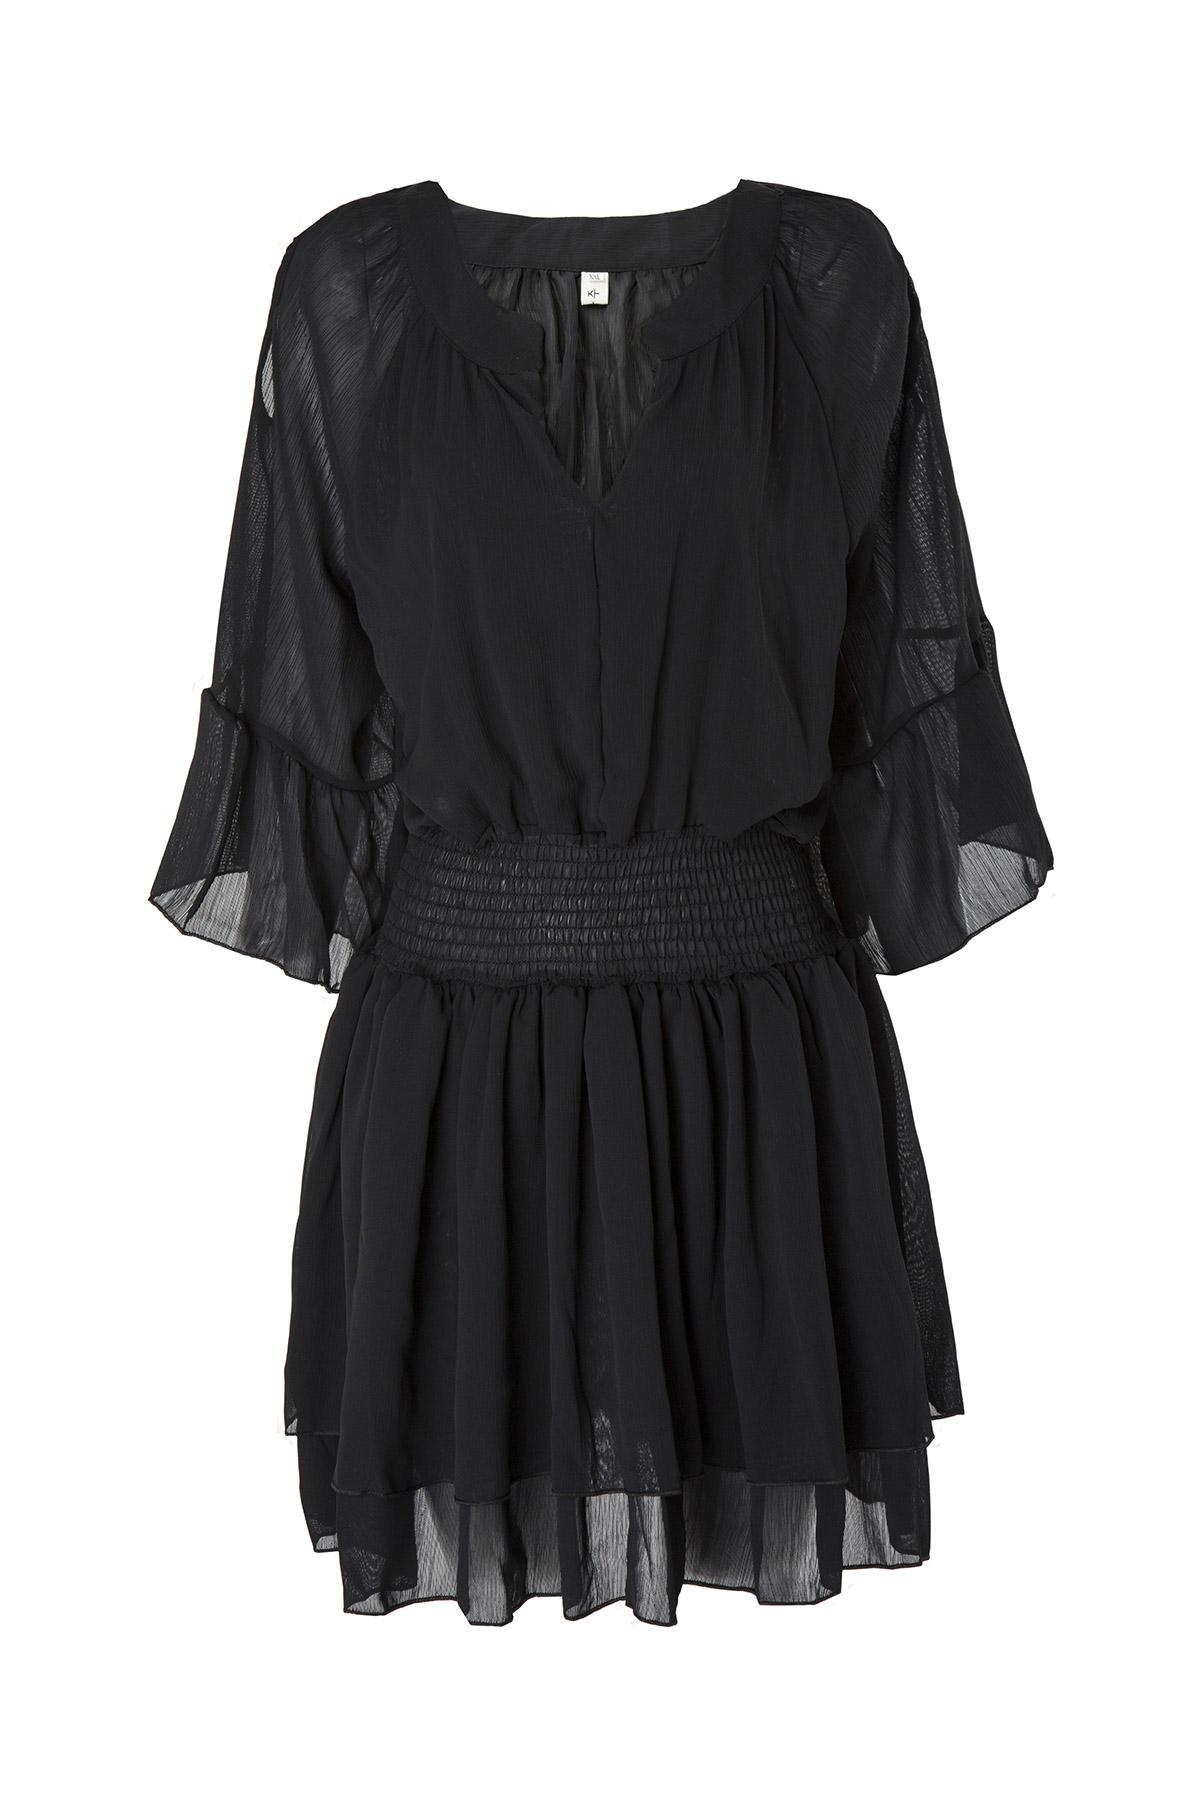 FLARE SLEEVE LAYERED CHIFFON DRESS